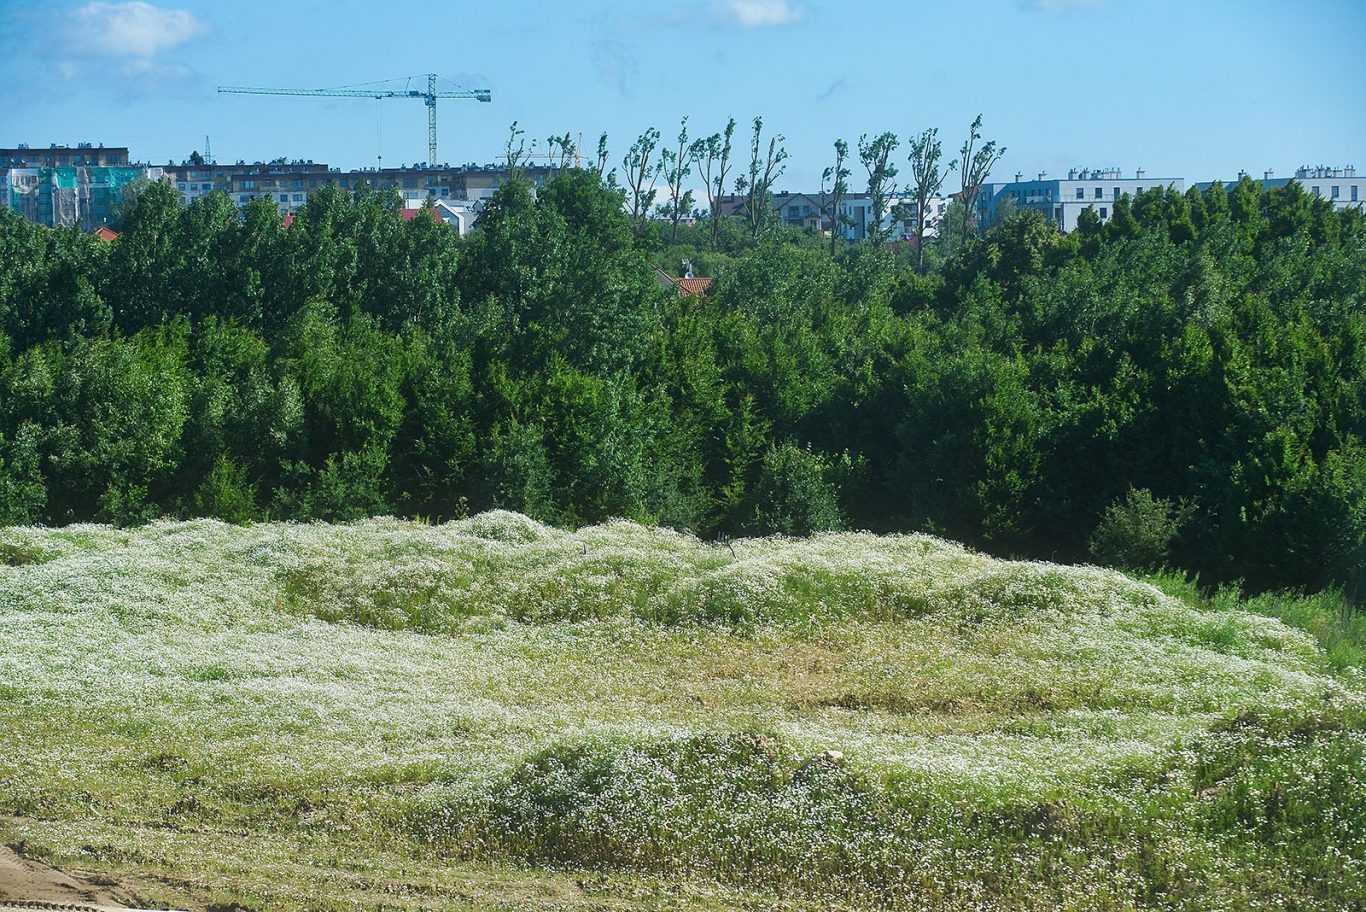 osiedle hiszpanskie gdansk poludnie okolica